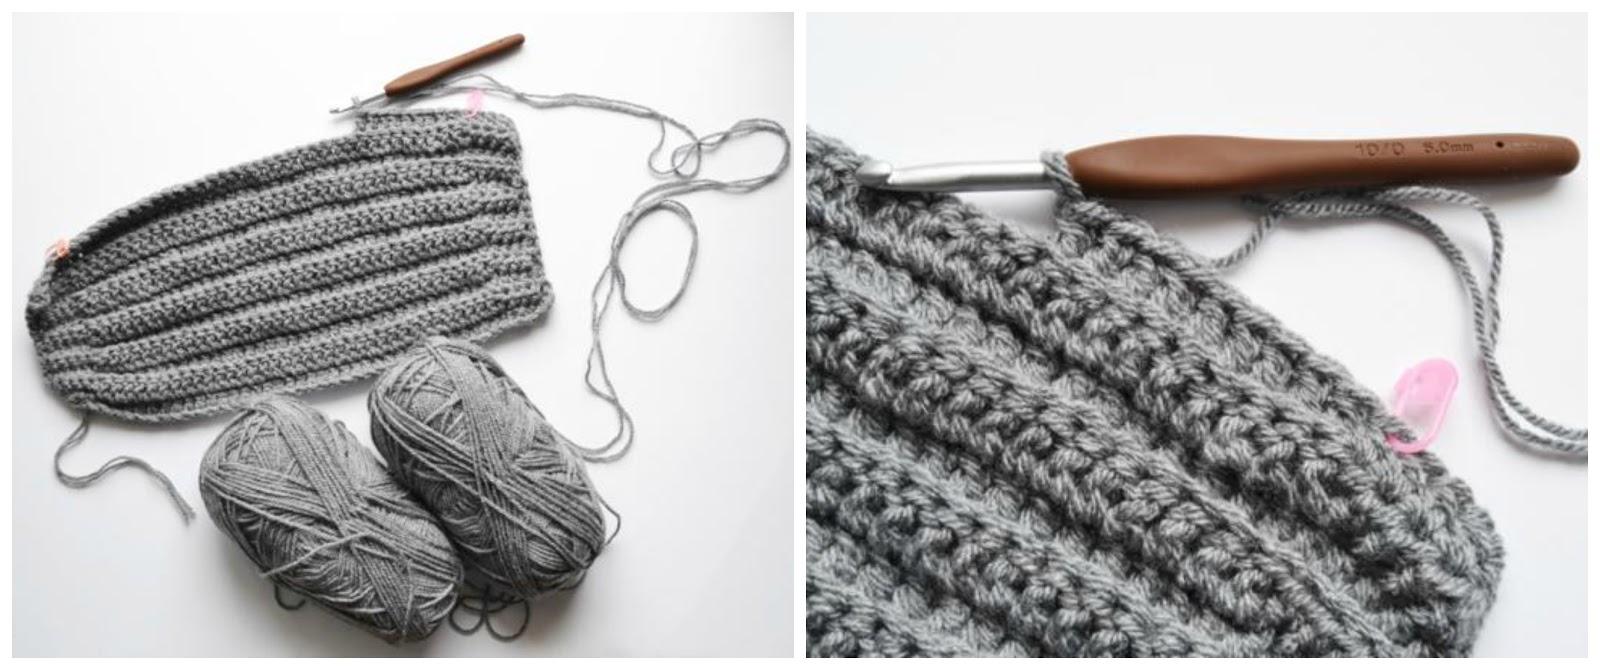 Tutorial how to make a beanie ( US crochet terms ) Start  chain 45 5hdc a9f236e66c6d